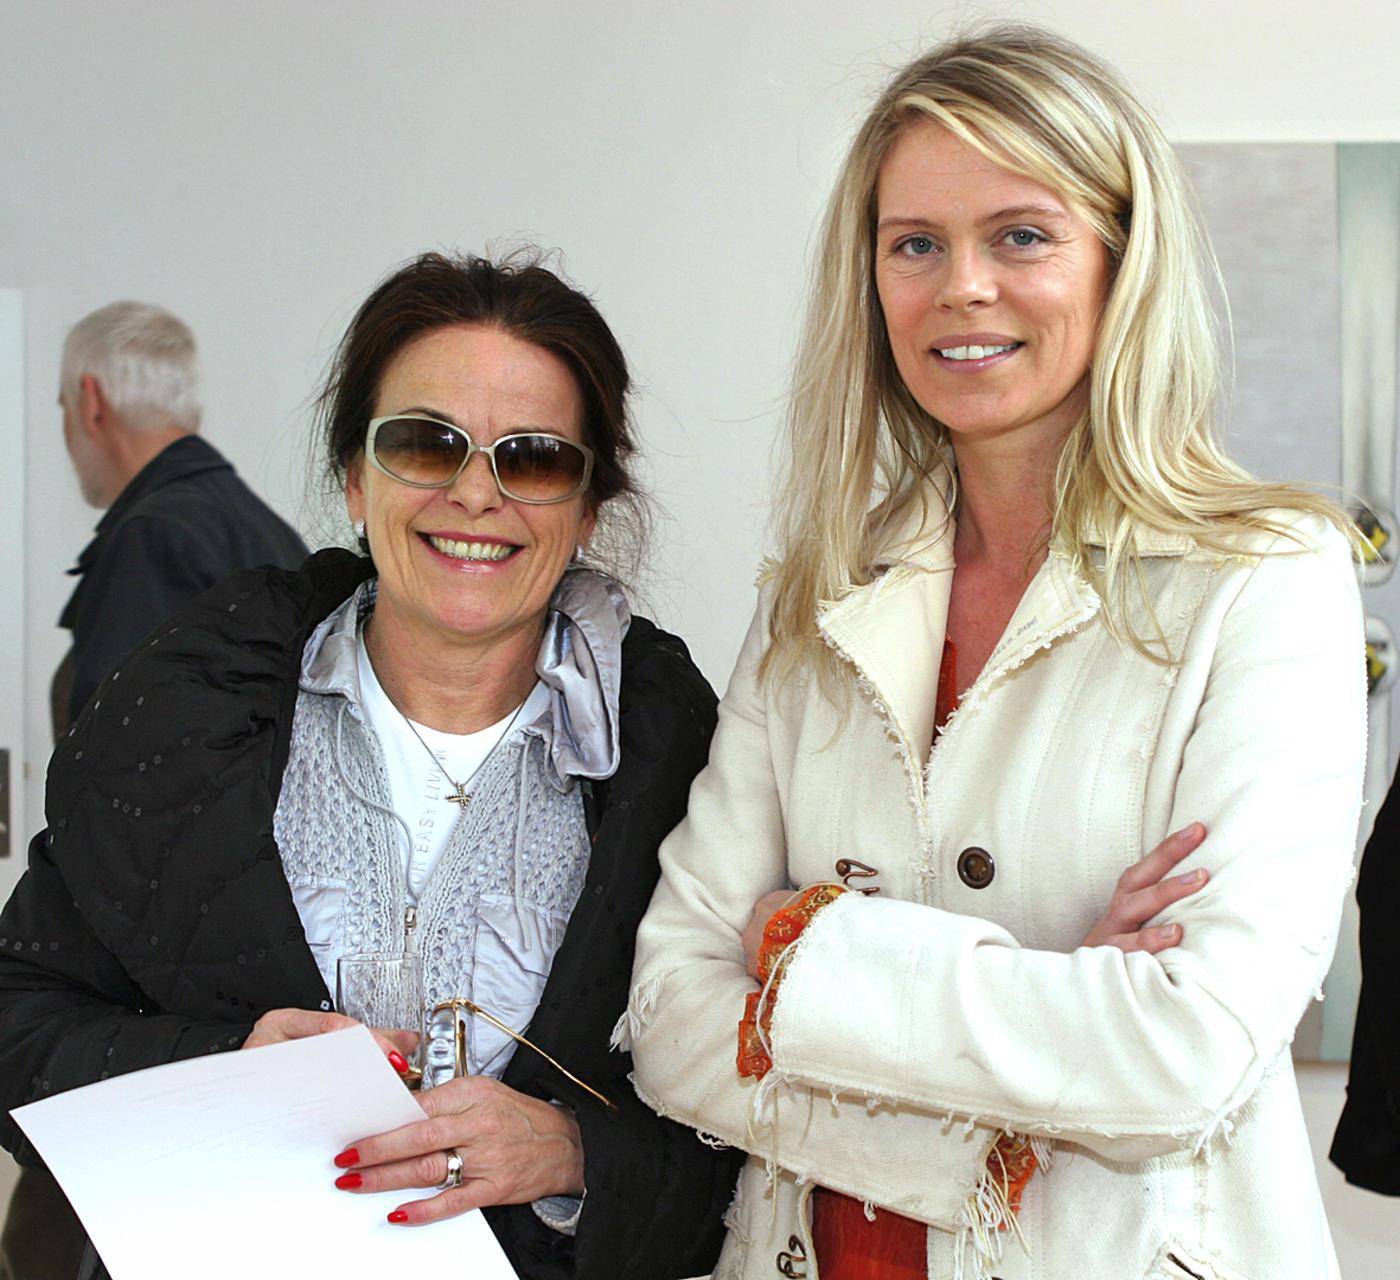 Þóra Guðmundsdóttir og Ingibjörg Pálmadóttir á myndlistarsýningu árið 2005.